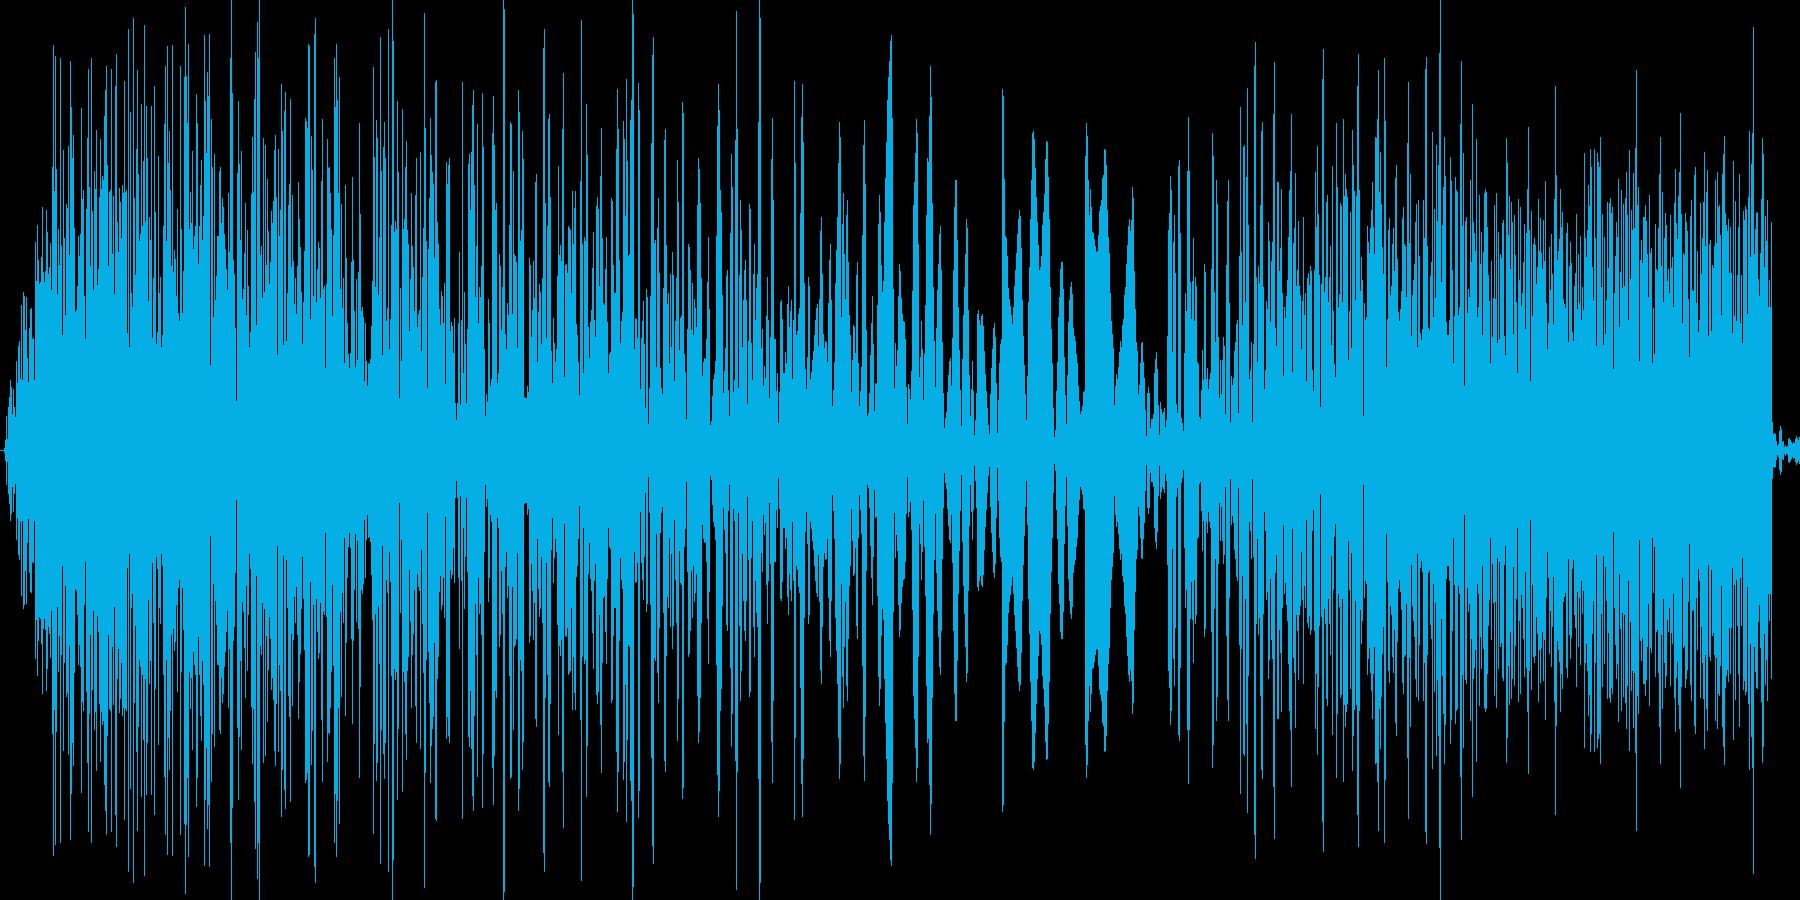 【ズバッ】8bit系の斬撃/攻撃音の再生済みの波形